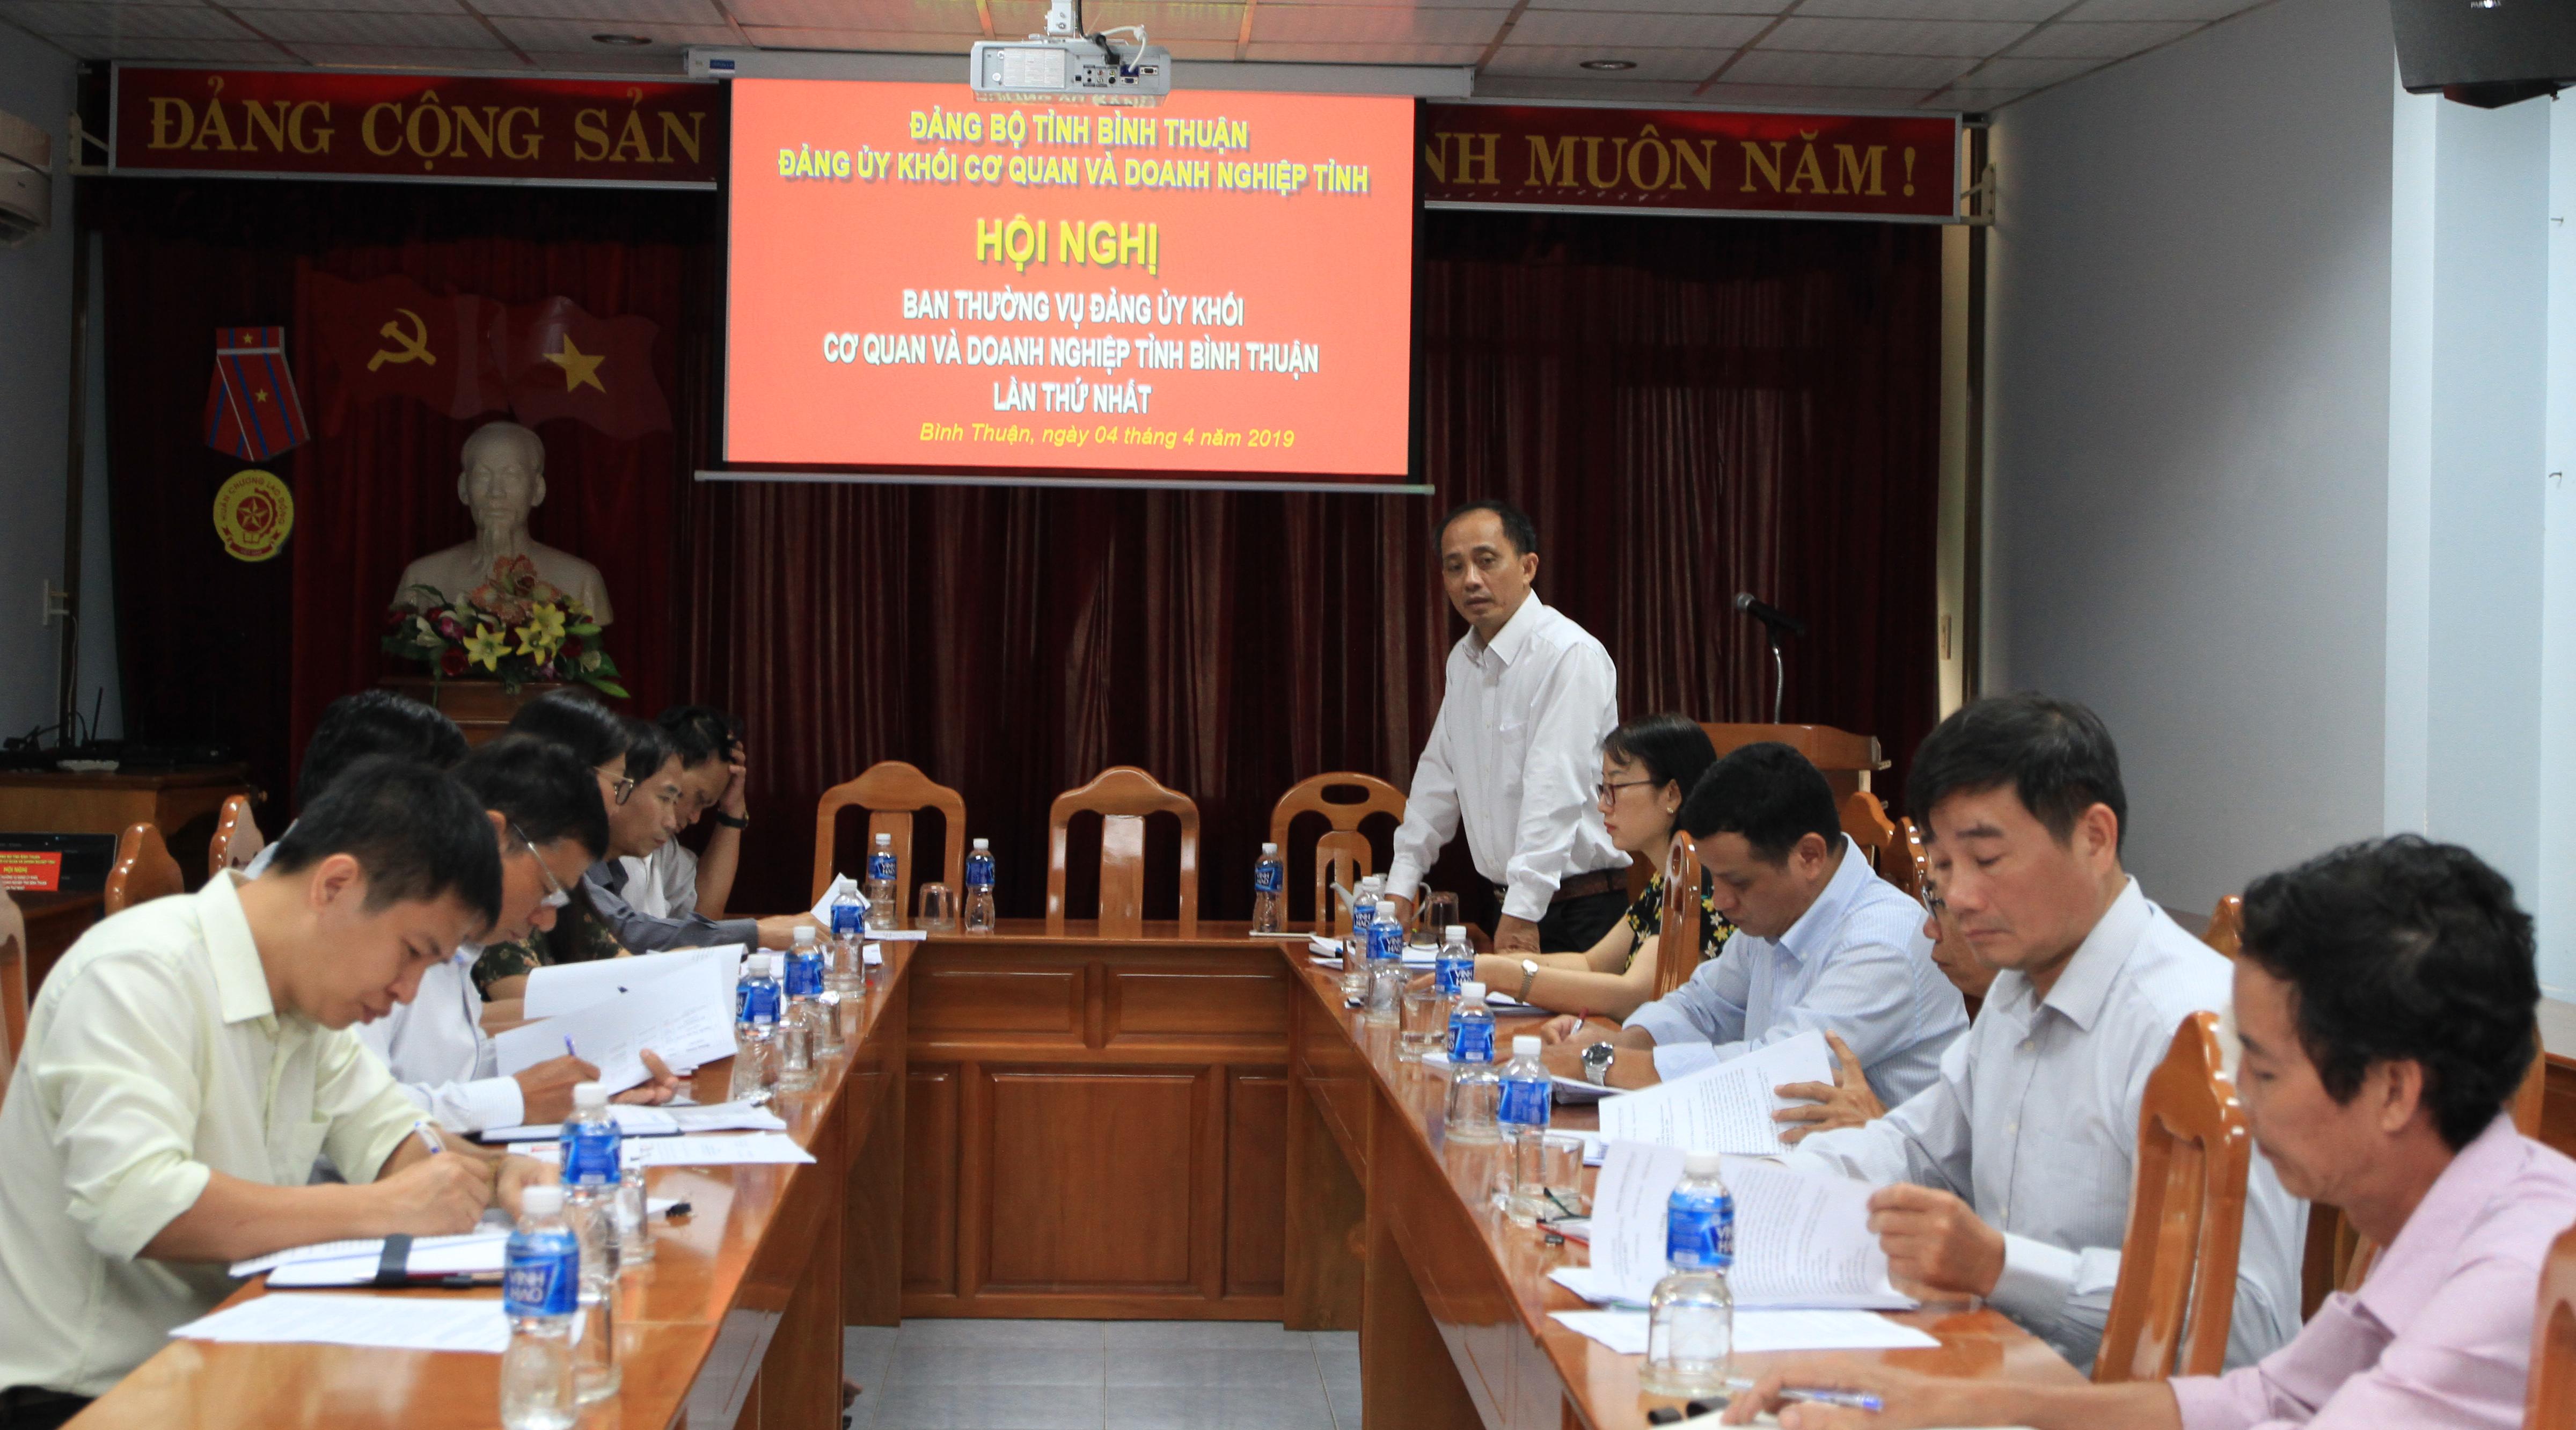 Hình Ban Thường vụ Đảng ủy Khối cơ quan và doanh nghiệp tỉnh tổ chức Hội nghị lần thứ nhất